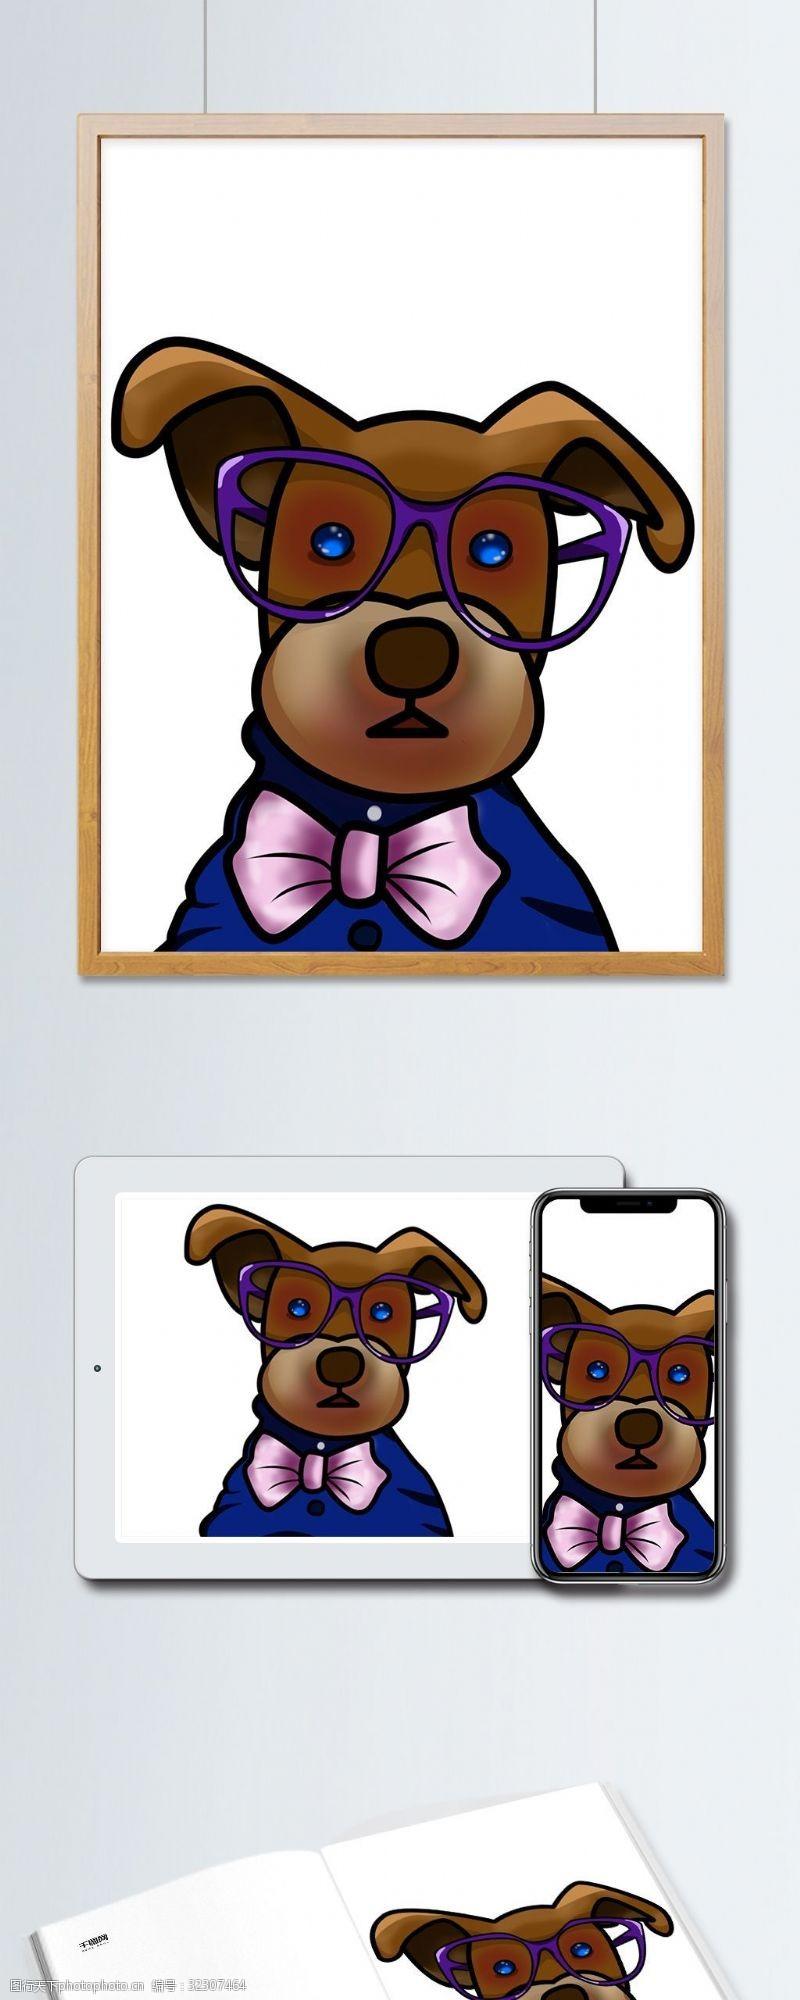 眼镜狗原创戴眼镜西装插画手绘狗狗